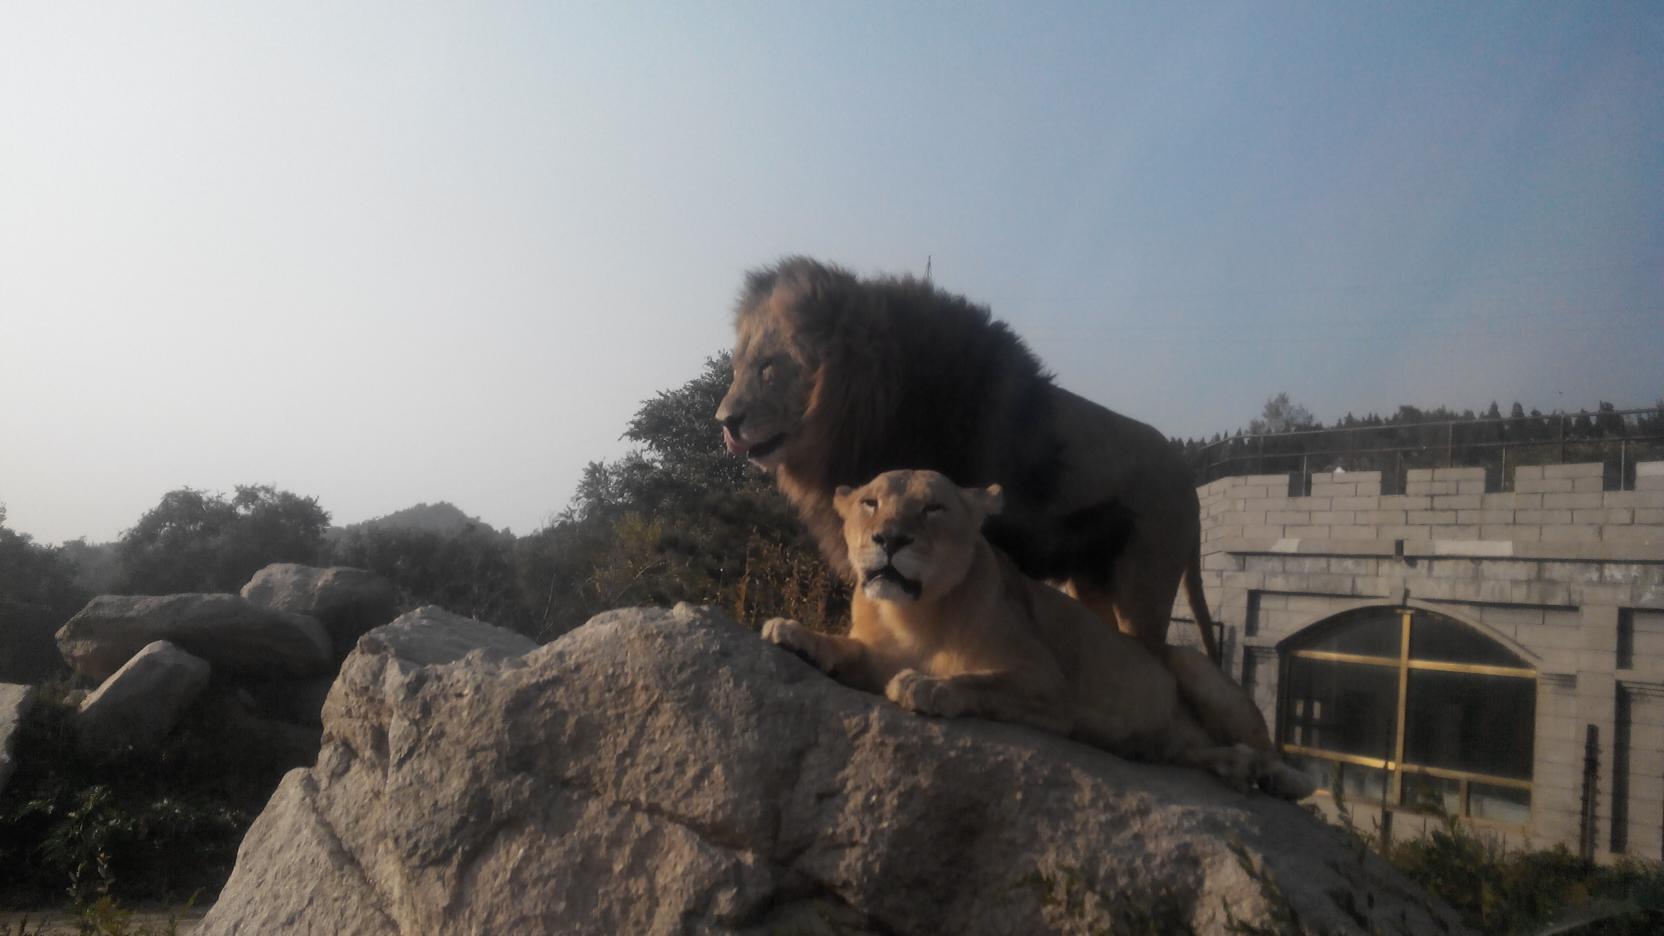 八达岭野生动物园 - 游记攻略【携程攻略】